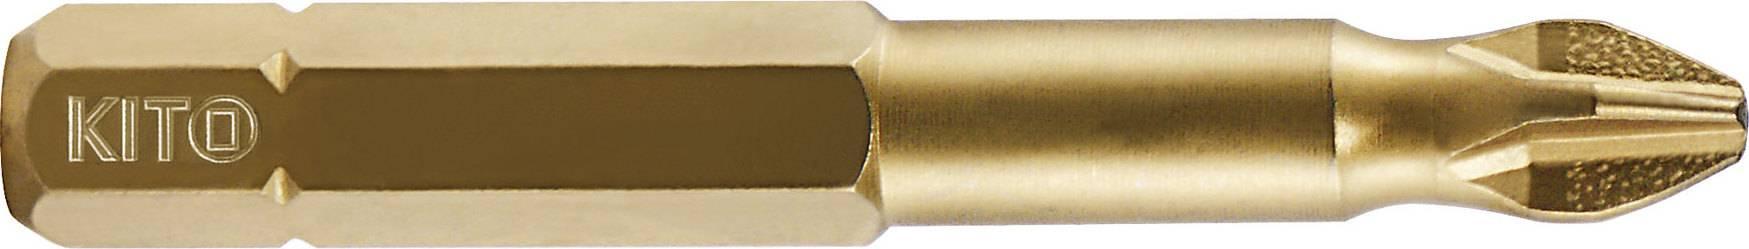 hrot, PH 0x50mm, S2/TiN 4821100 KITO